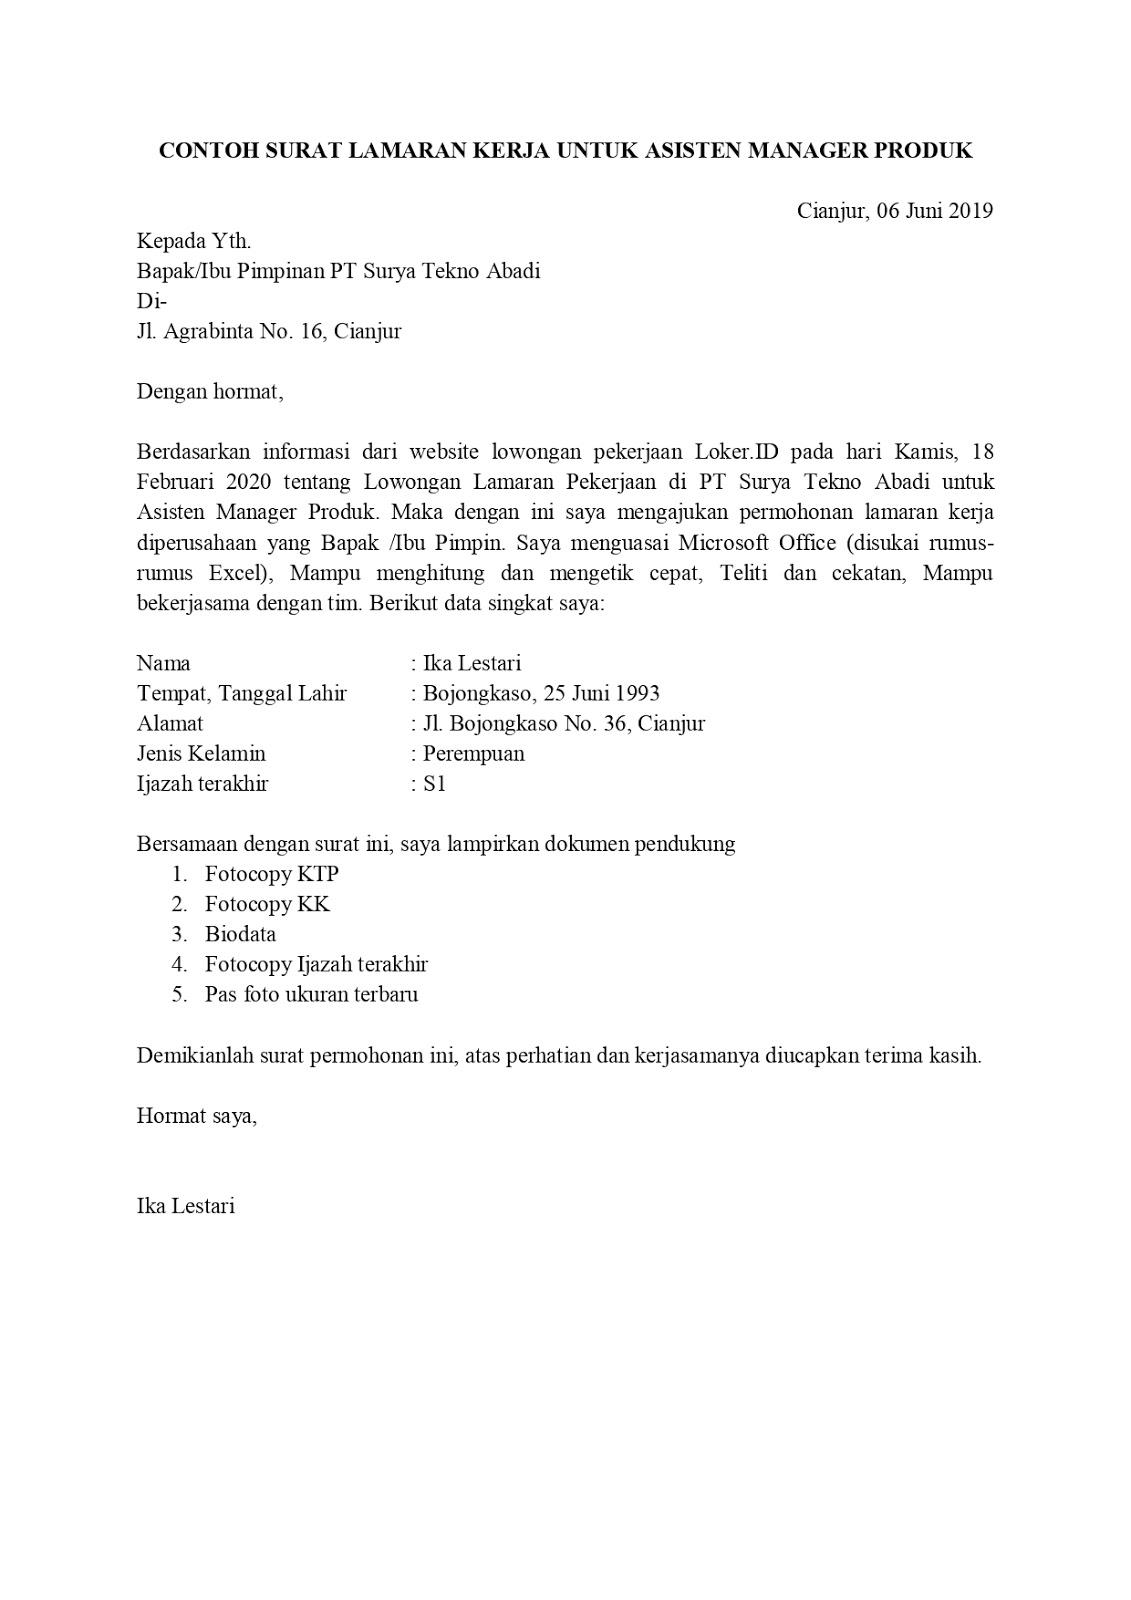 Contoh Surat Lamaran Pekerjaan Untuk Manajemen Tanpa Koma